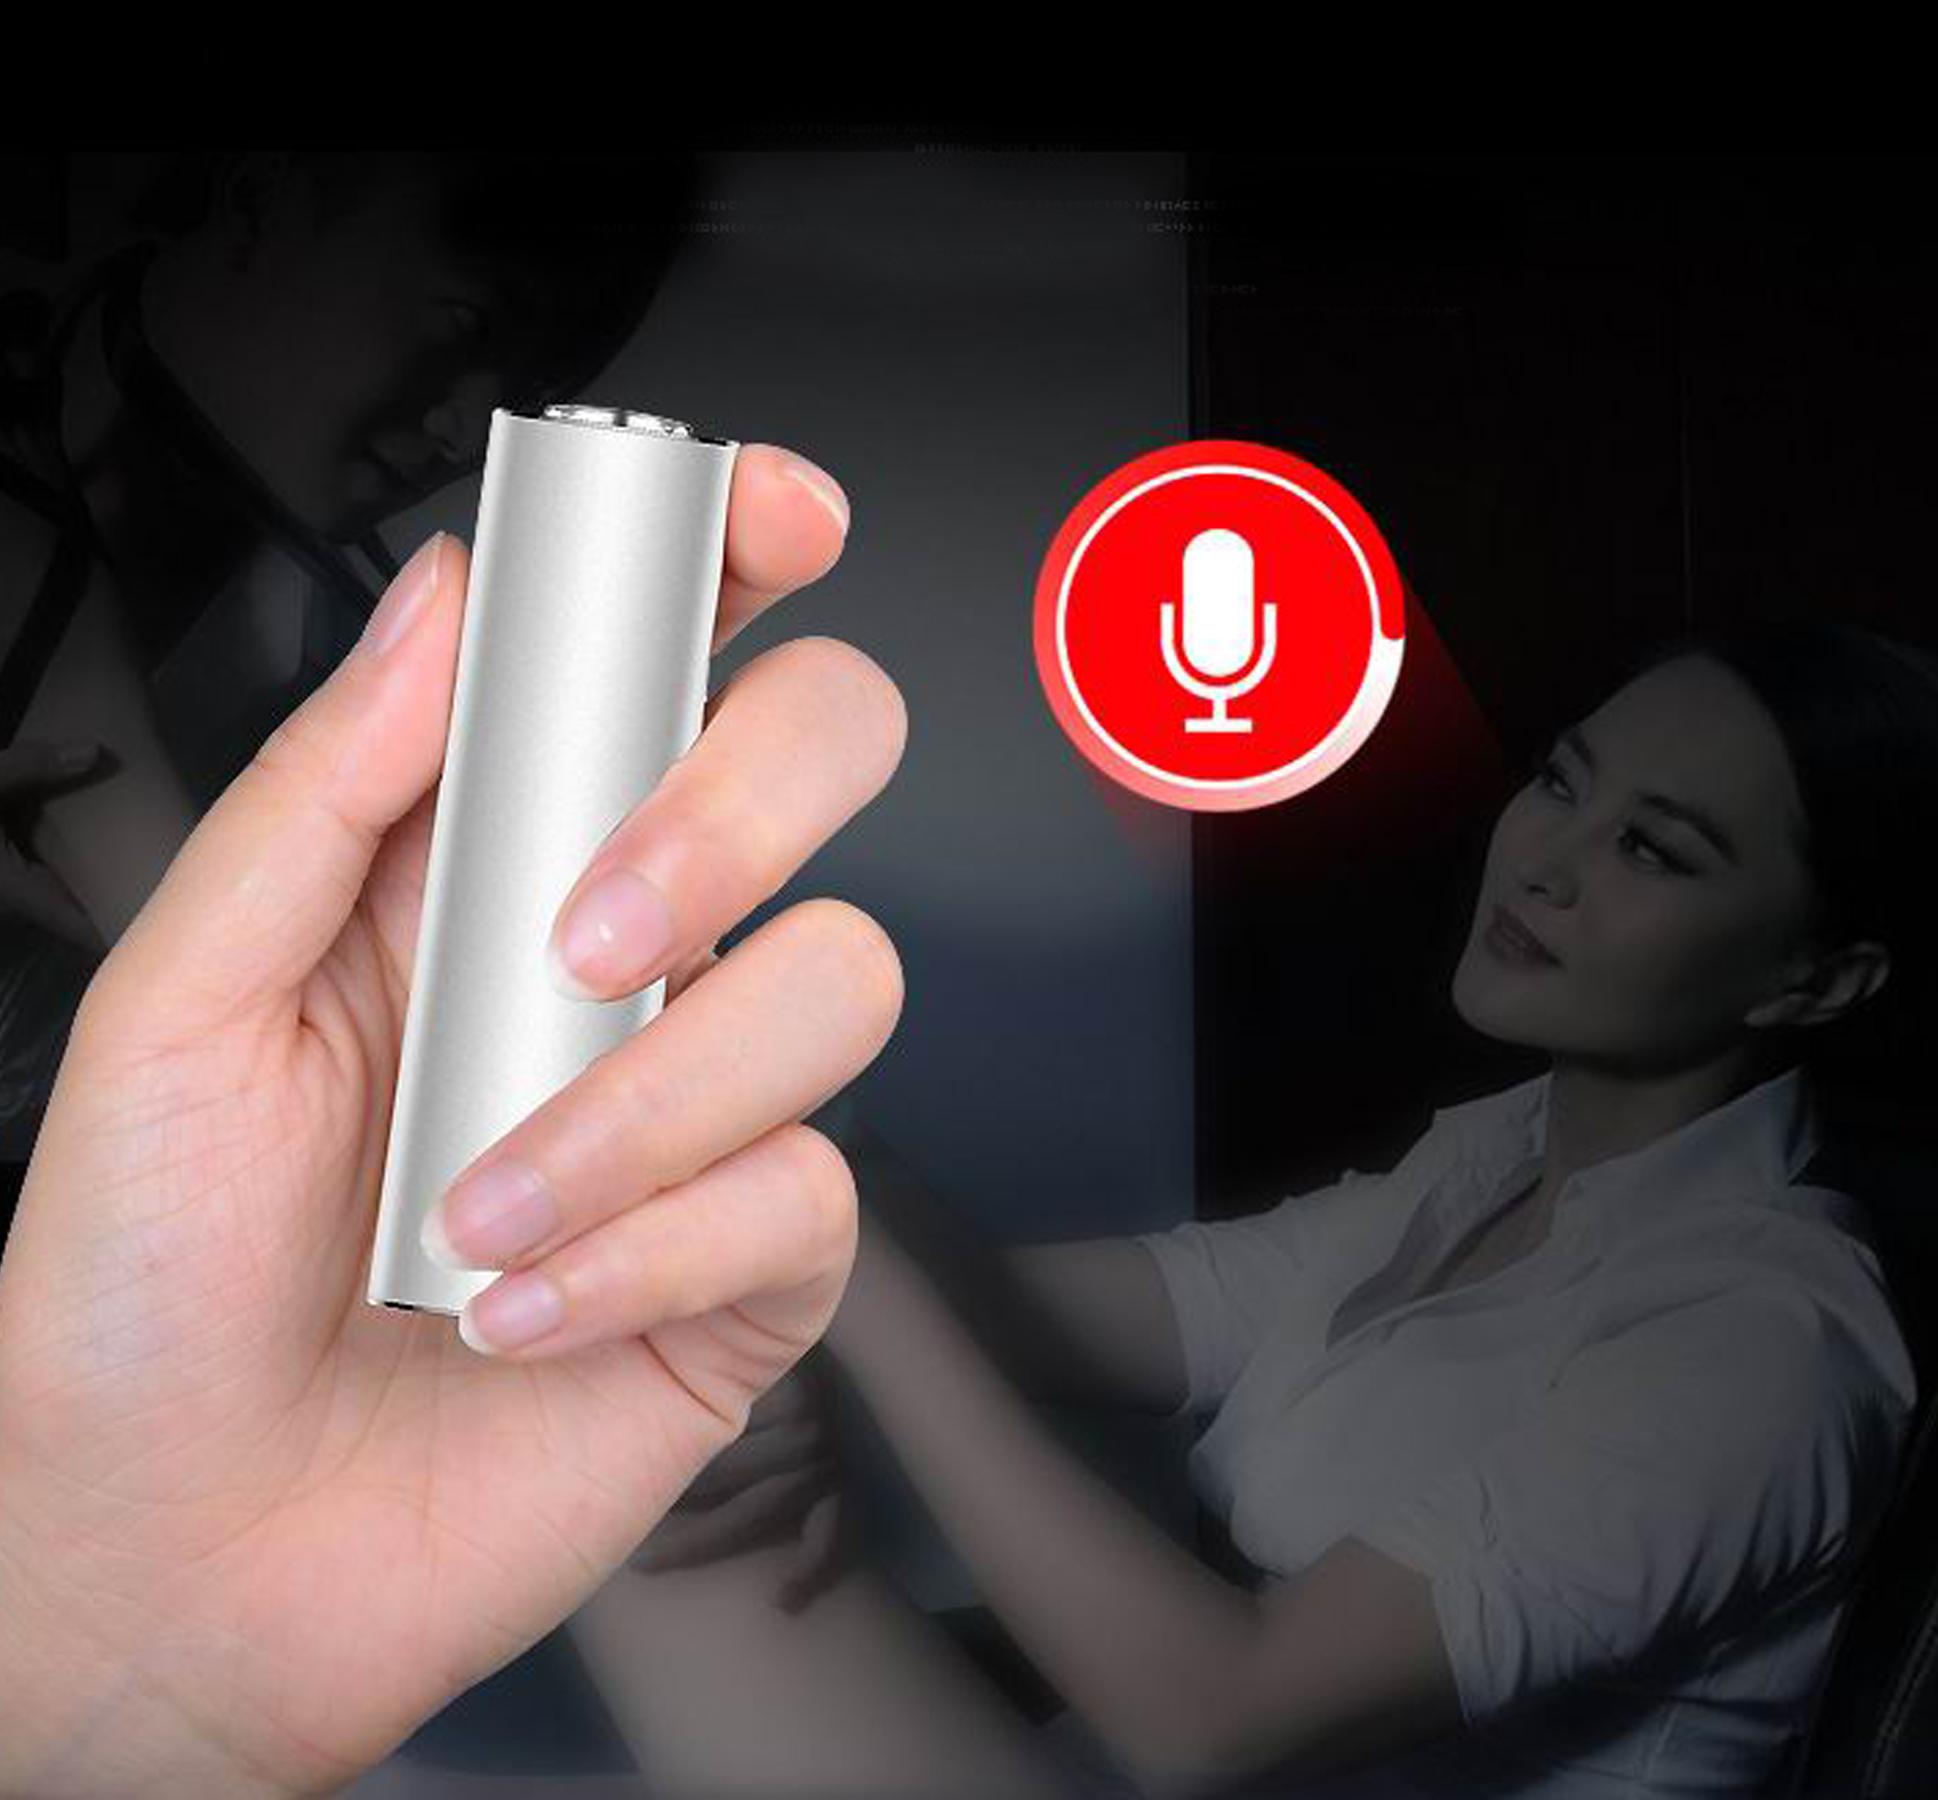 DYKTAFON CYFROWY 16GB VOX DETEKCJA RED.SZUMU 21DNI Obsługa kart pamięci nie